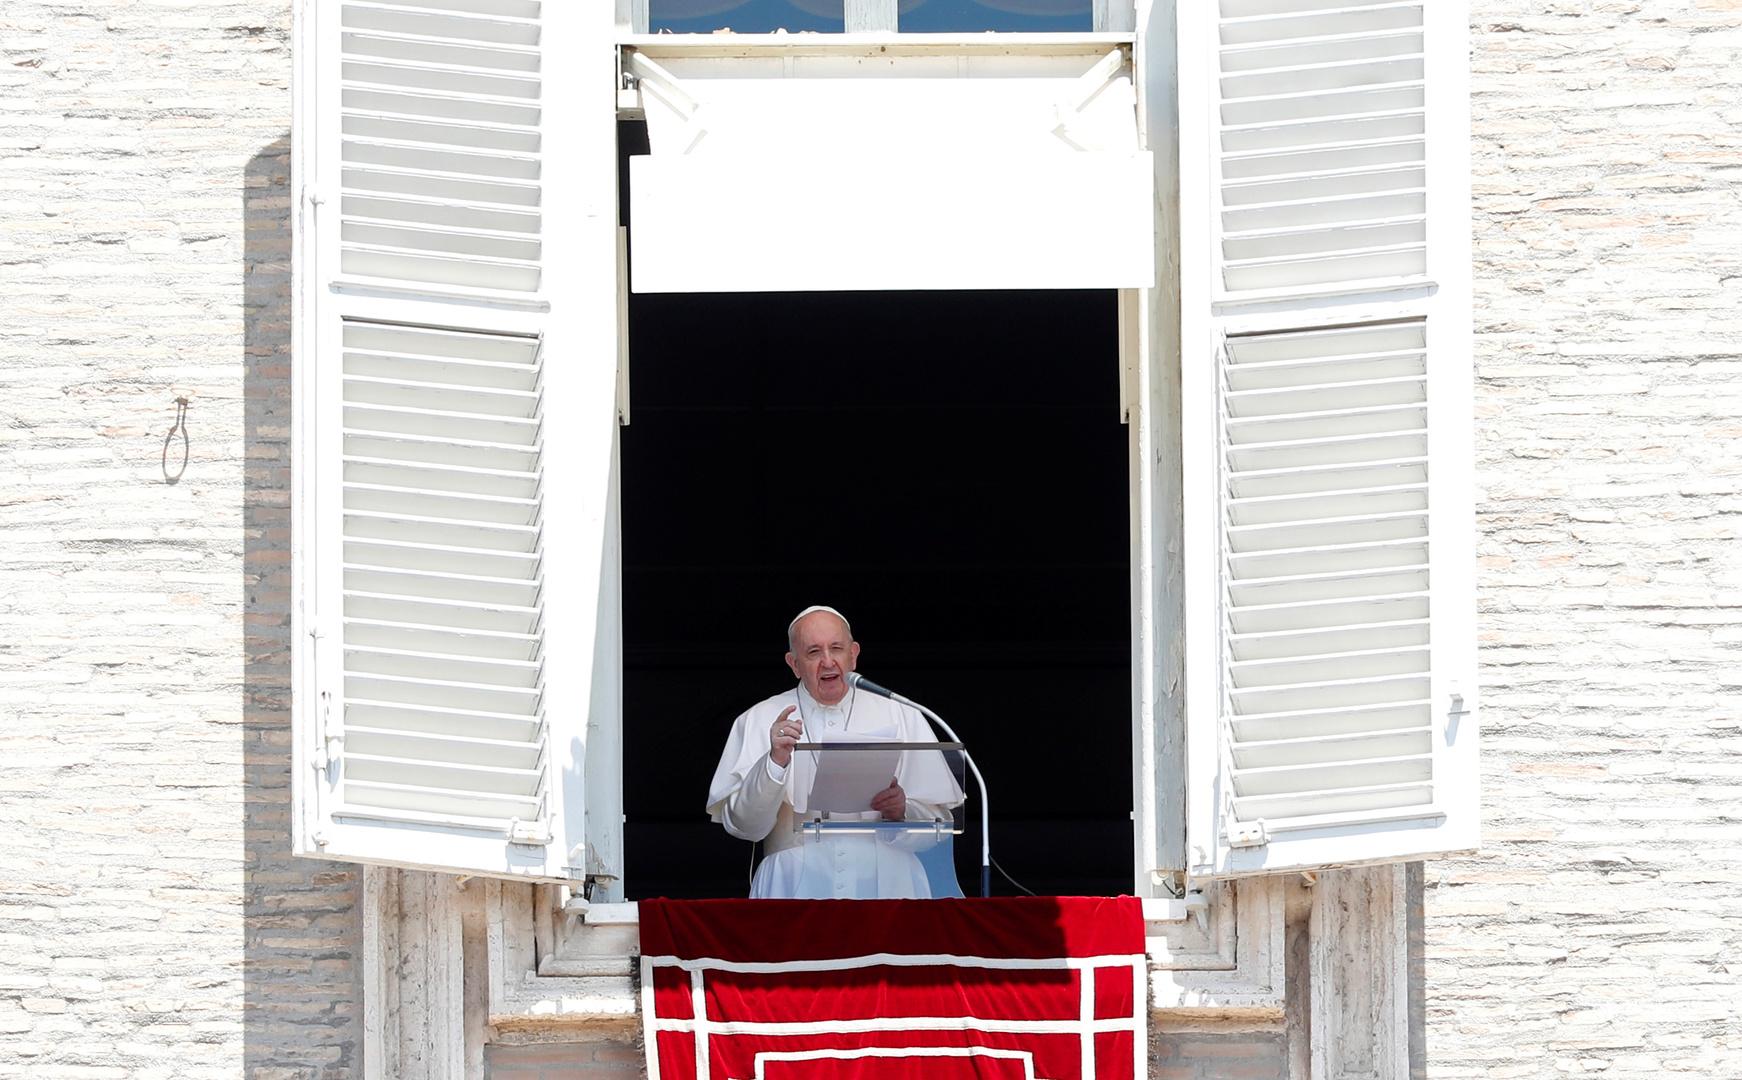 البابا فرنسيس يخاطب المؤمنين من على شرفته